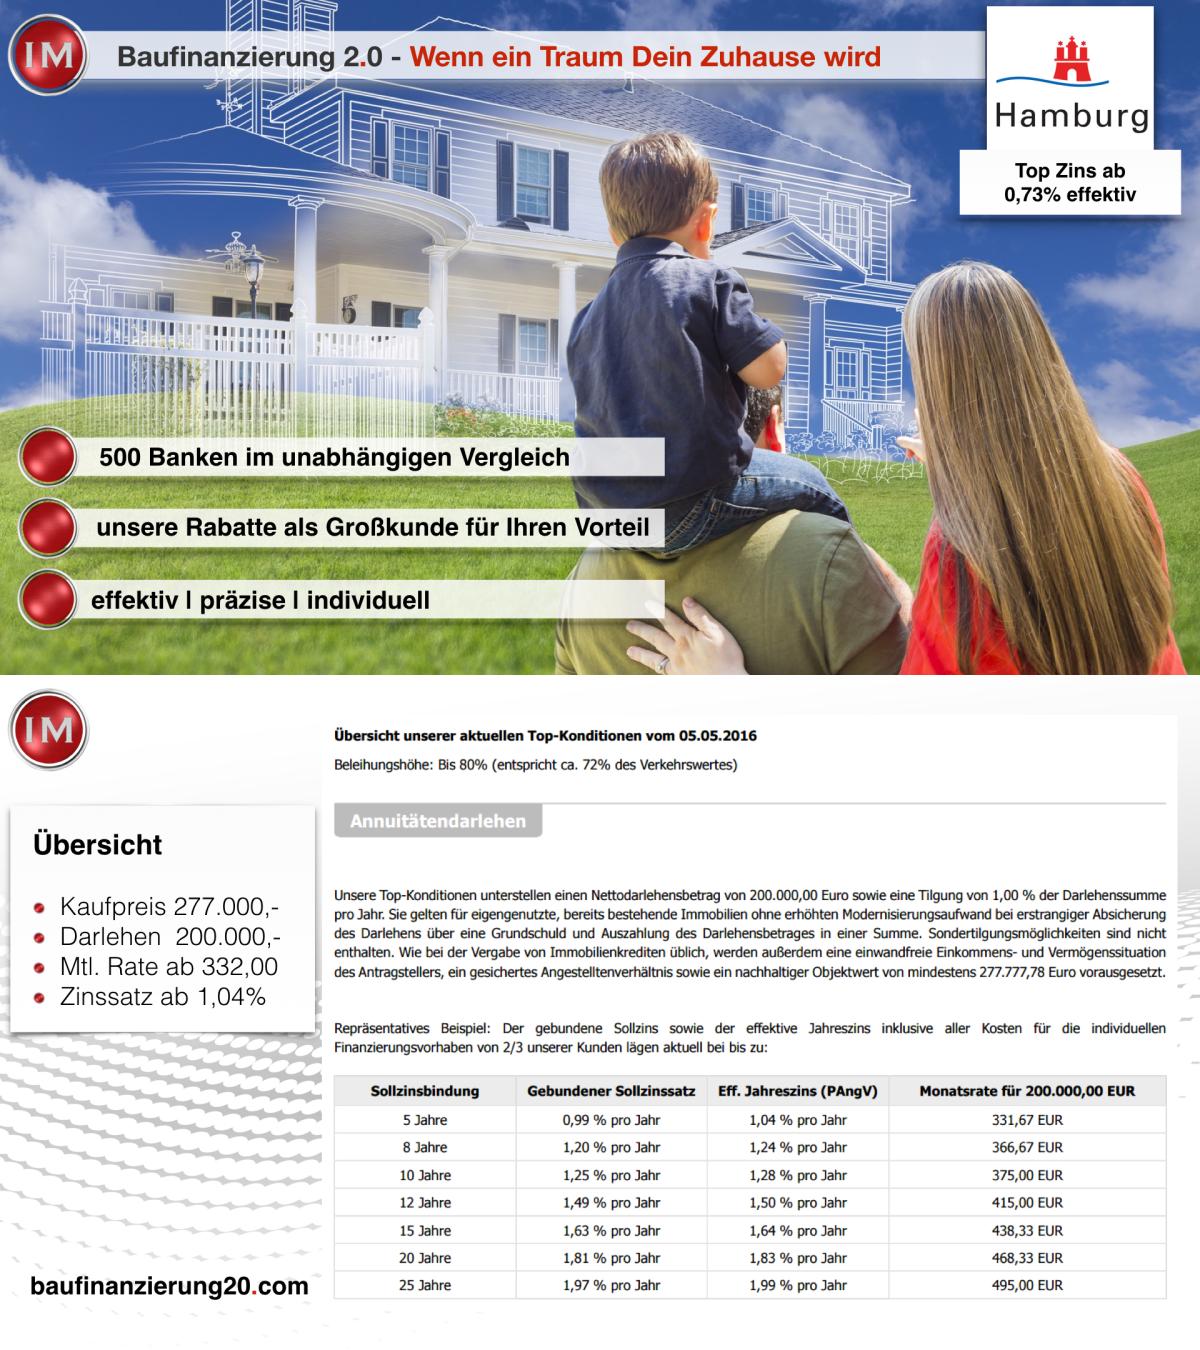 #Hamburg #Baufinanzierung #Immobilien www.baufinanzierung20.com www.im-finder.de